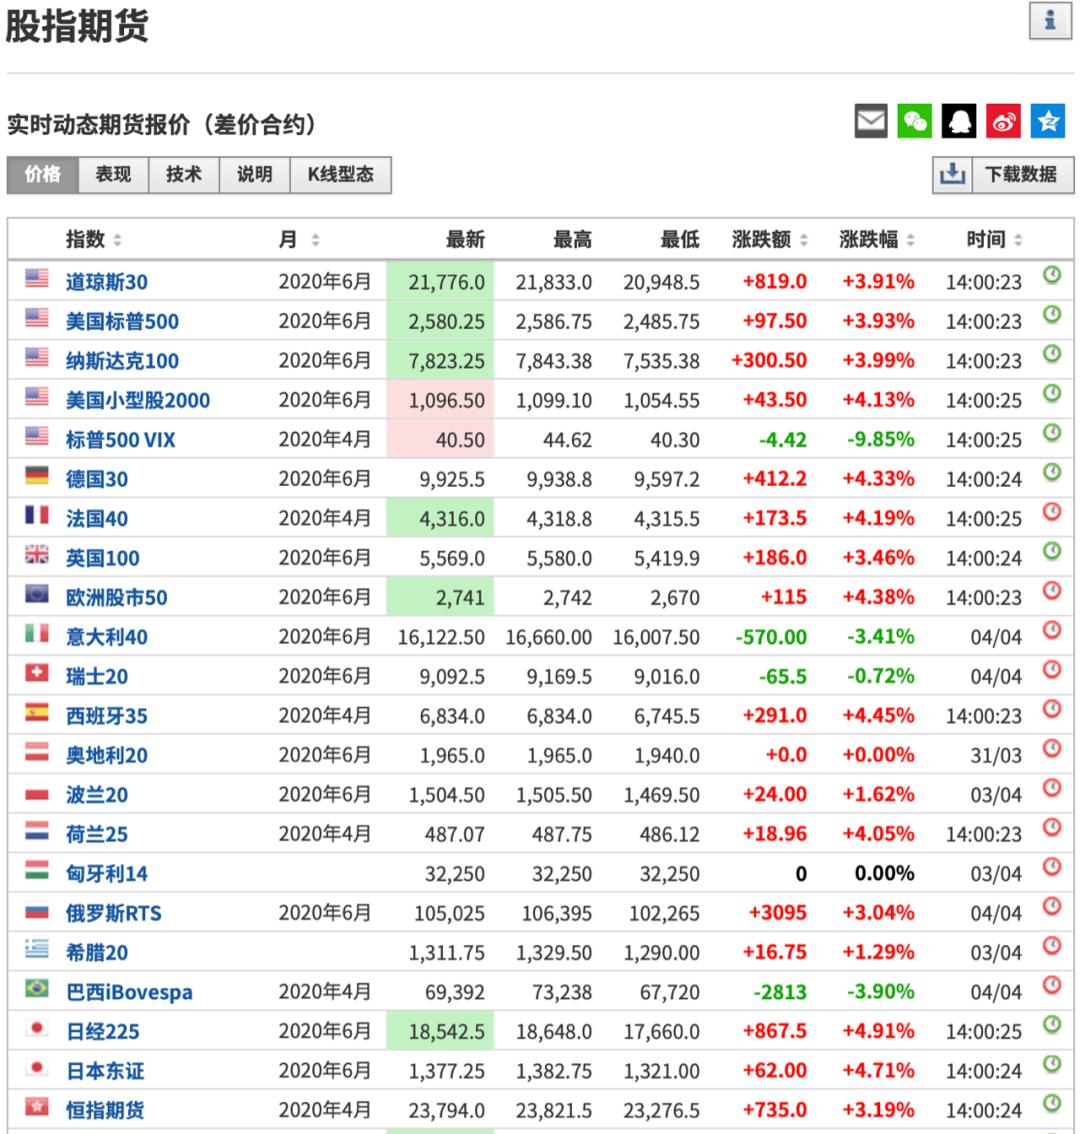 外围股市集体上涨 全球股市为何突然飙升?